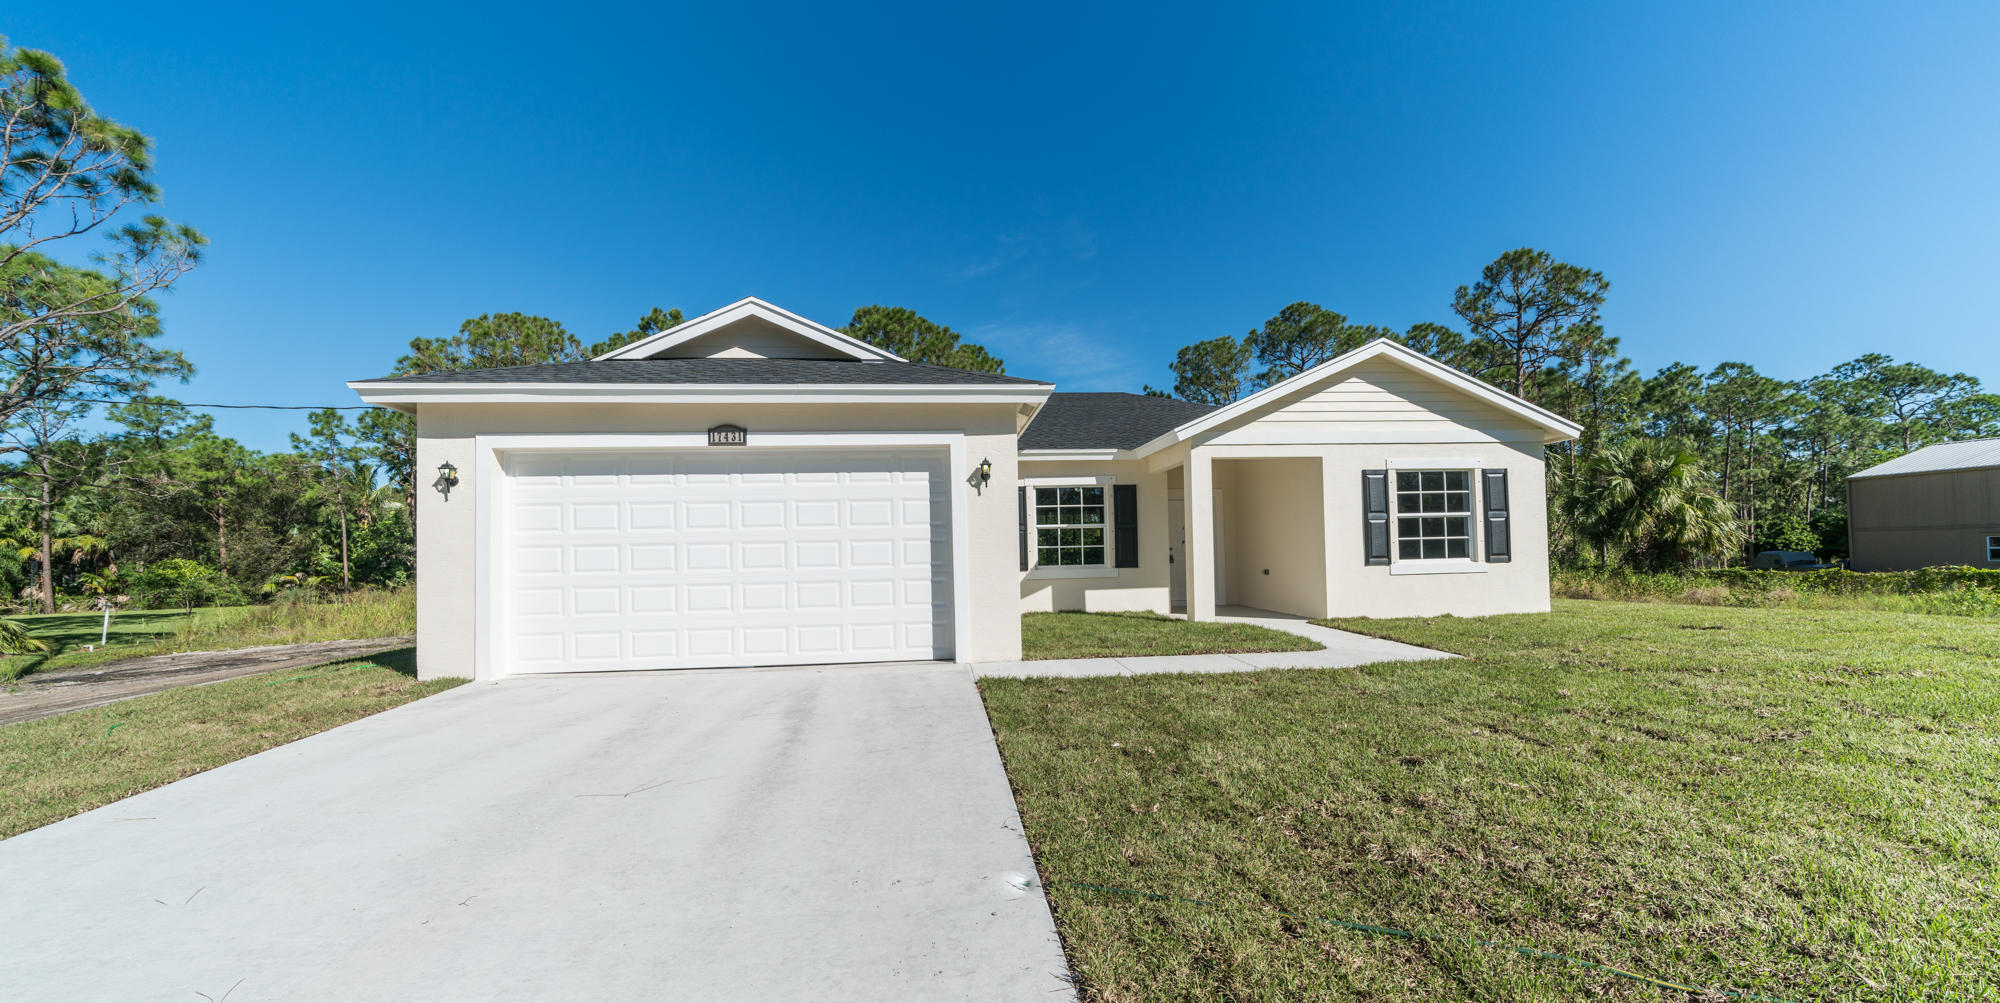 Photo of 2196 Bridgehampton Terrace, Vero Beach, FL 32966